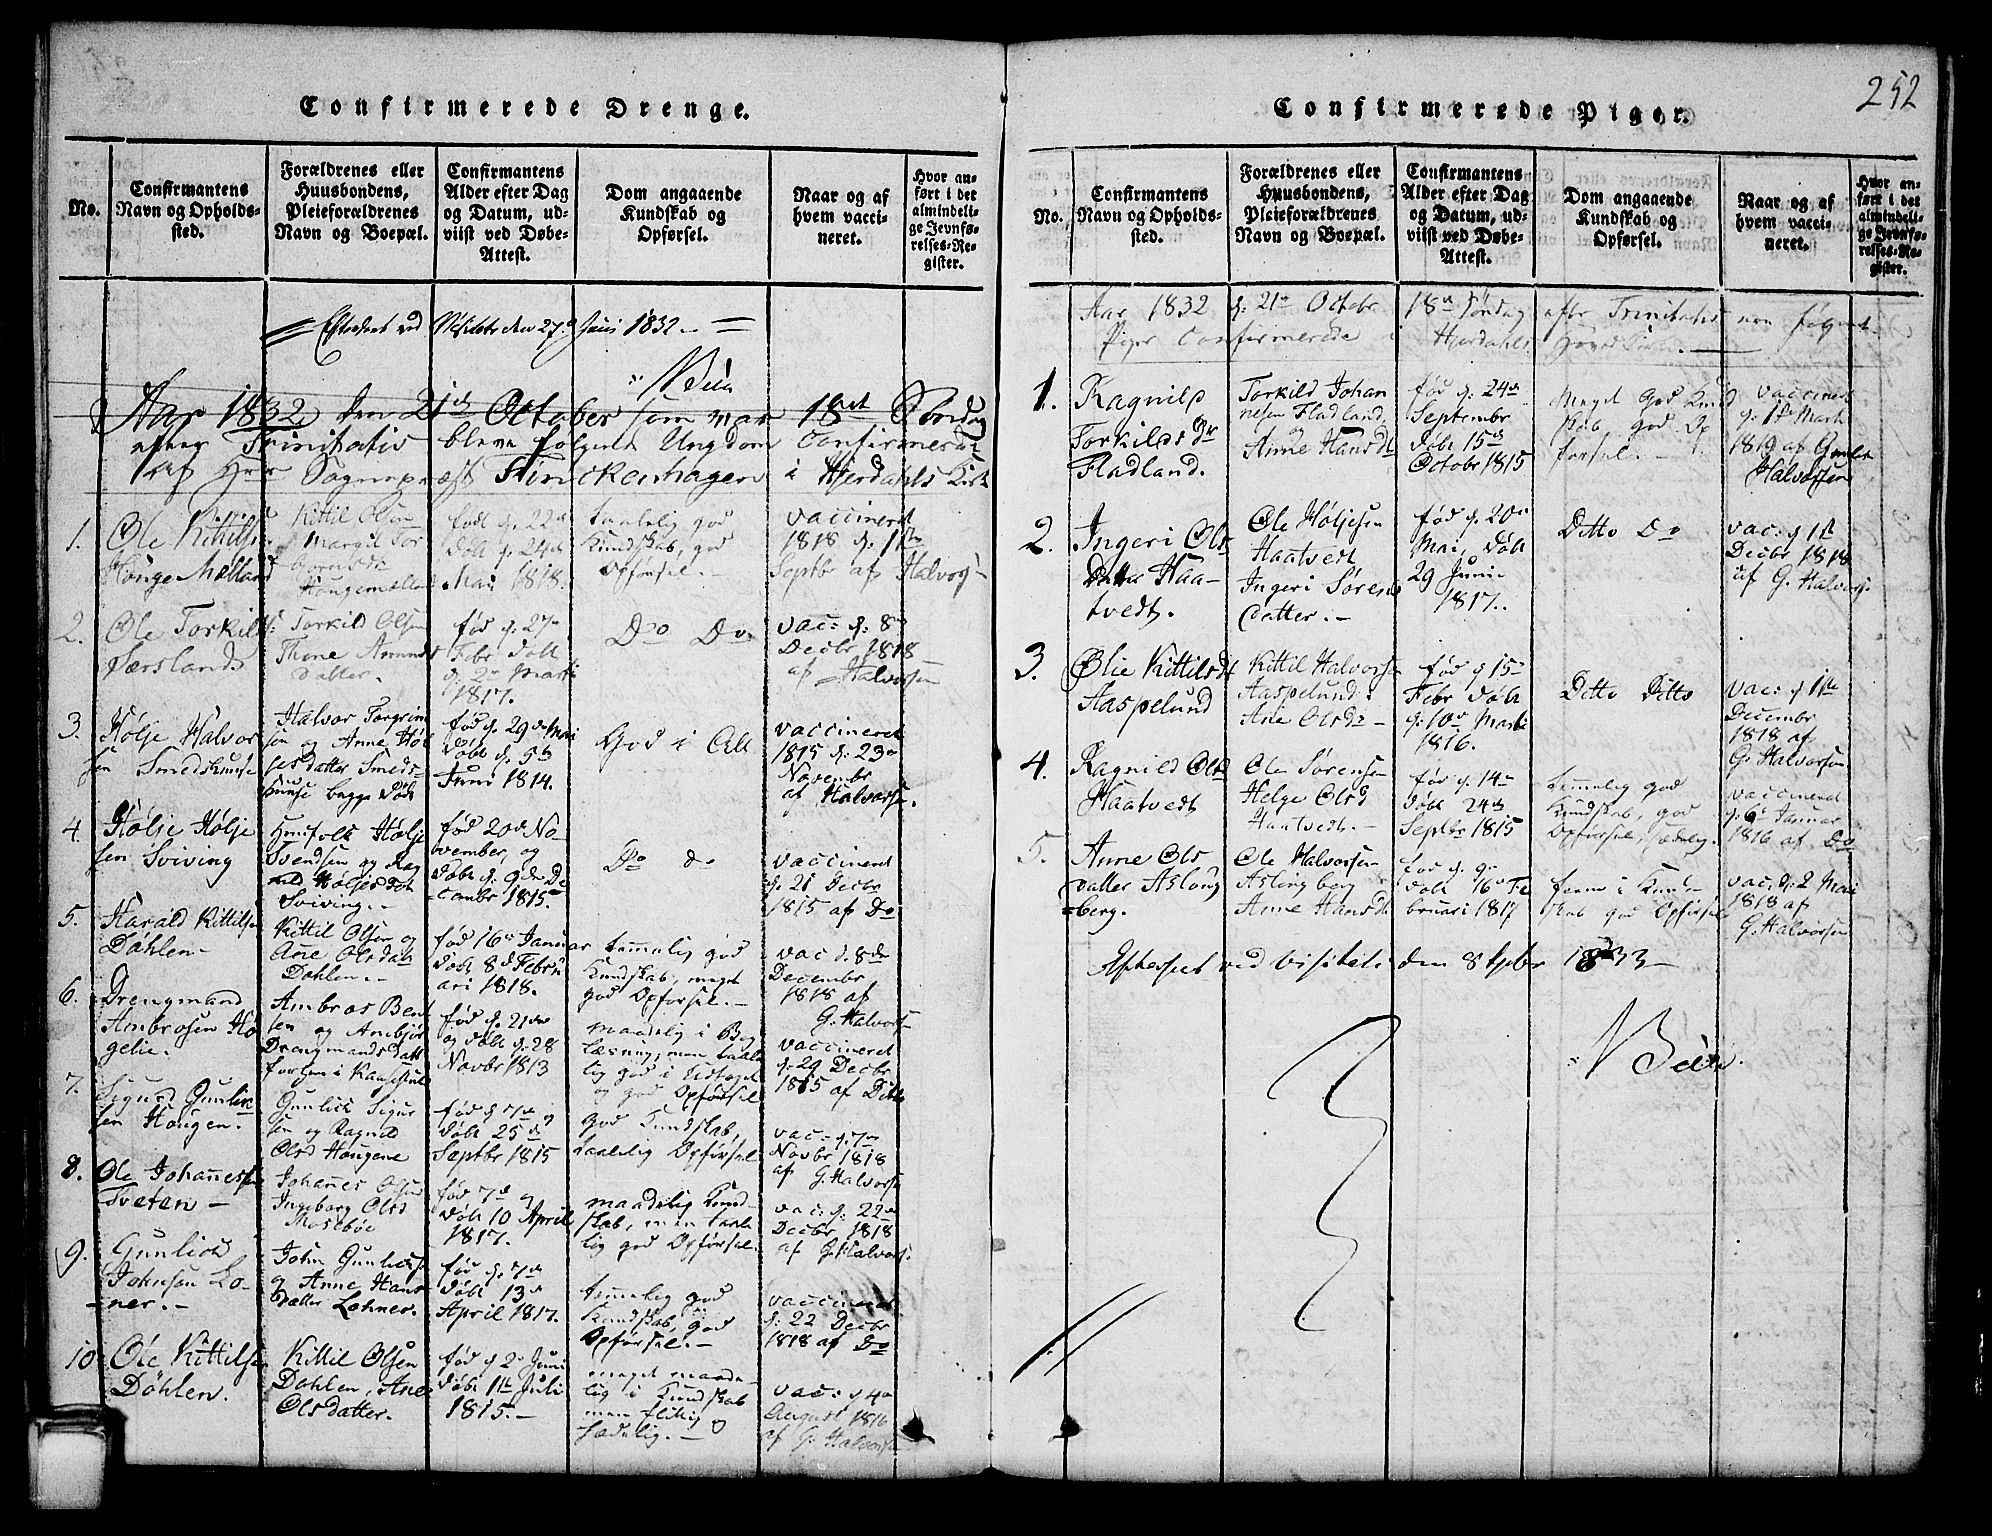 SAKO, Hjartdal kirkebøker, G/Ga/L0001: Klokkerbok nr. I 1, 1815-1842, s. 252